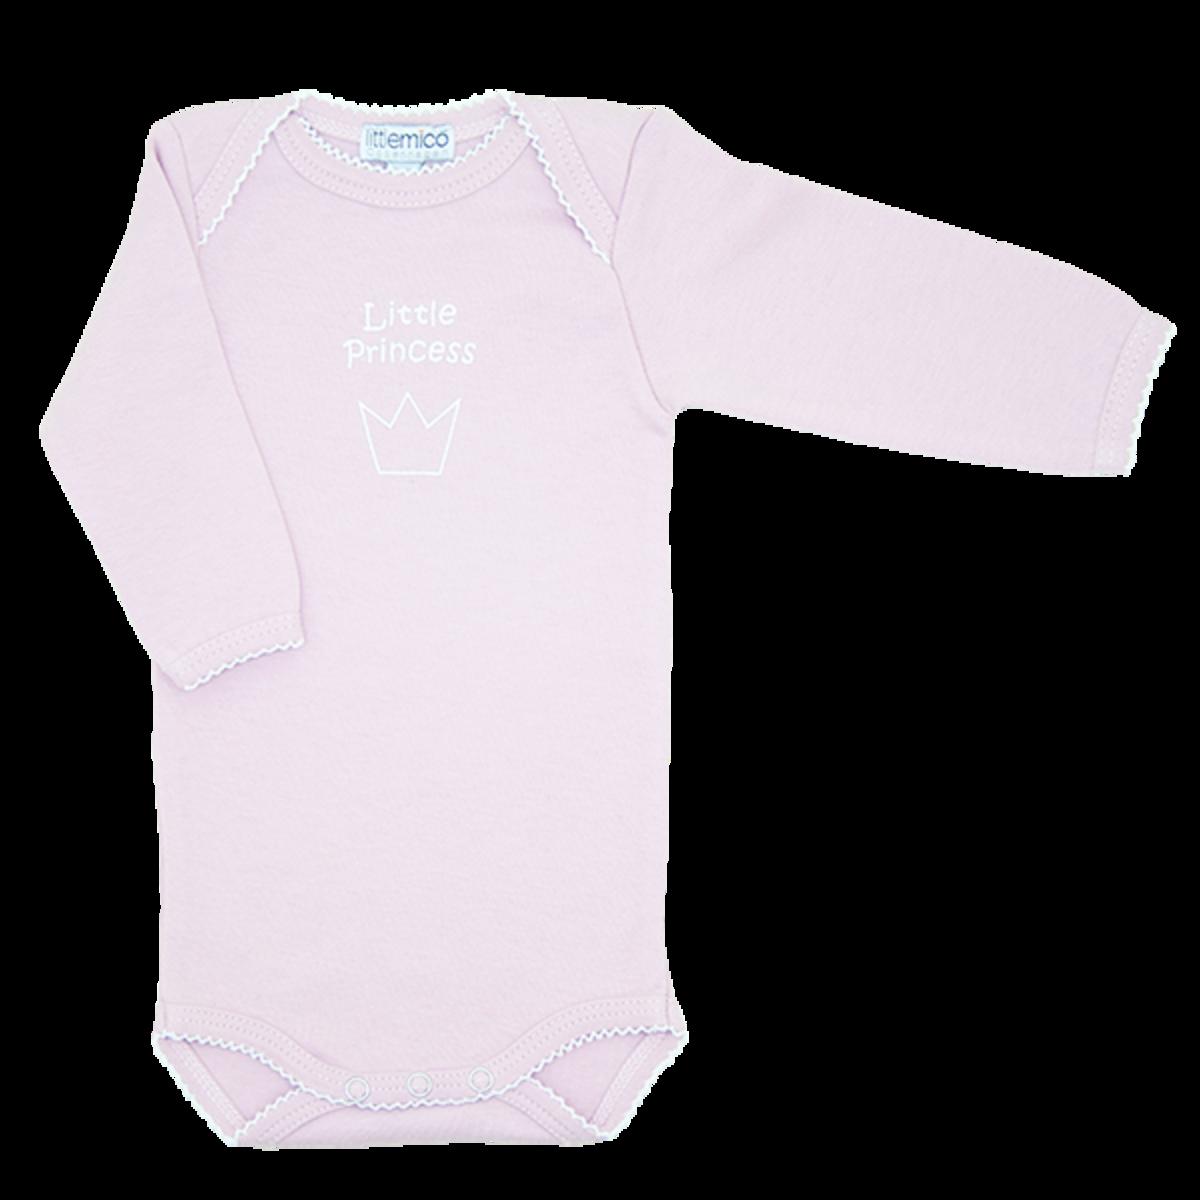 有機棉長袖夾衣 - 小公主 0-3M (粉紅色)